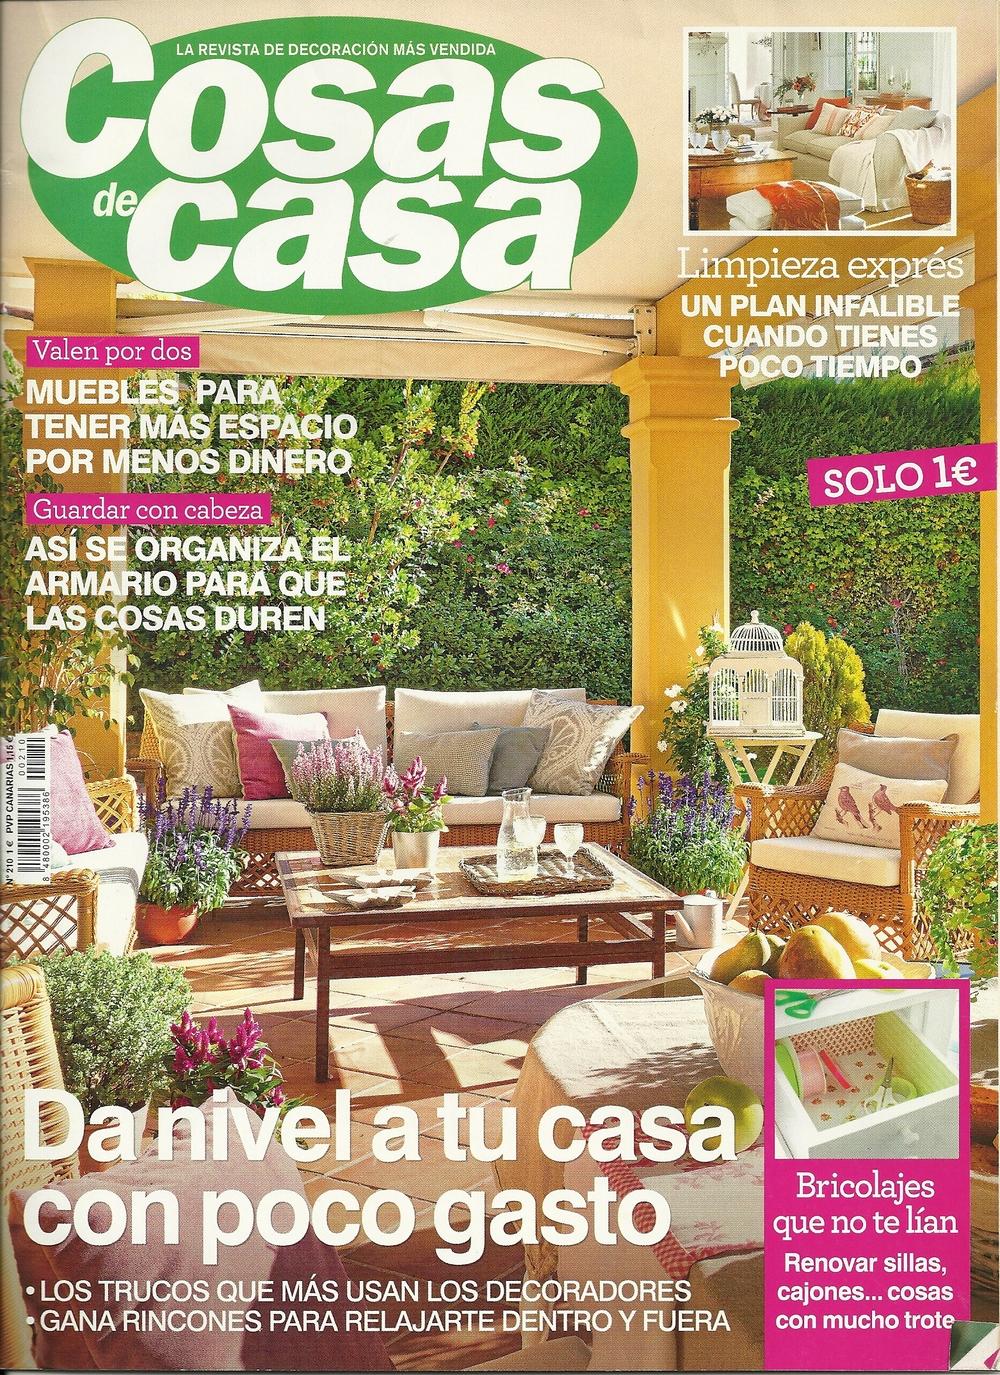 Cosas de casa decoracion free cosas de madera para for Cosas de casa revista decoracion